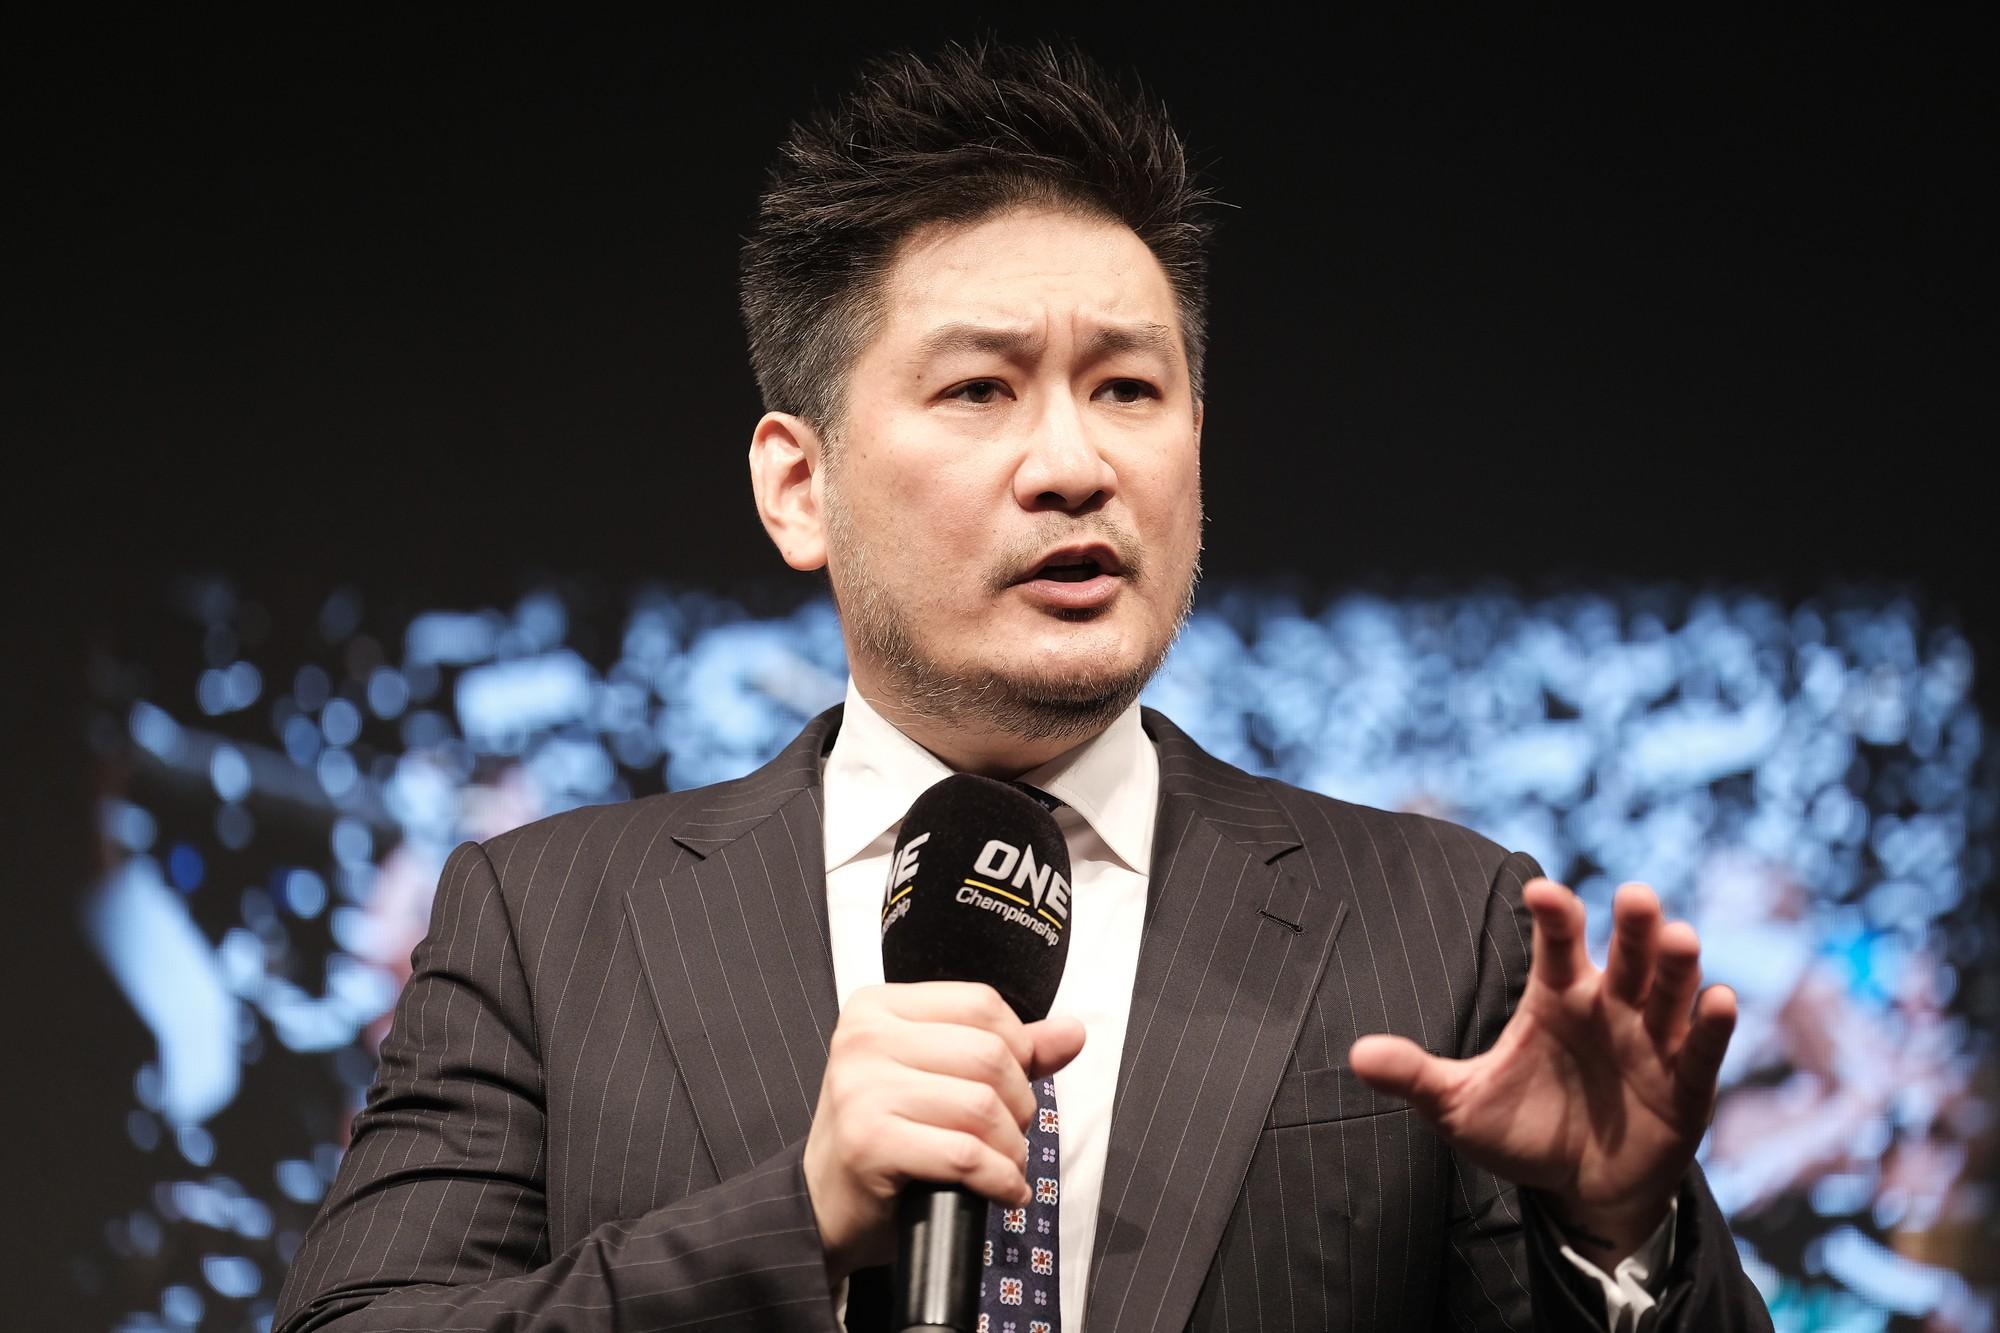 ONE Championship chuẩn bị tấn công thánh địa MMA Nhật Bản - Ảnh 2.